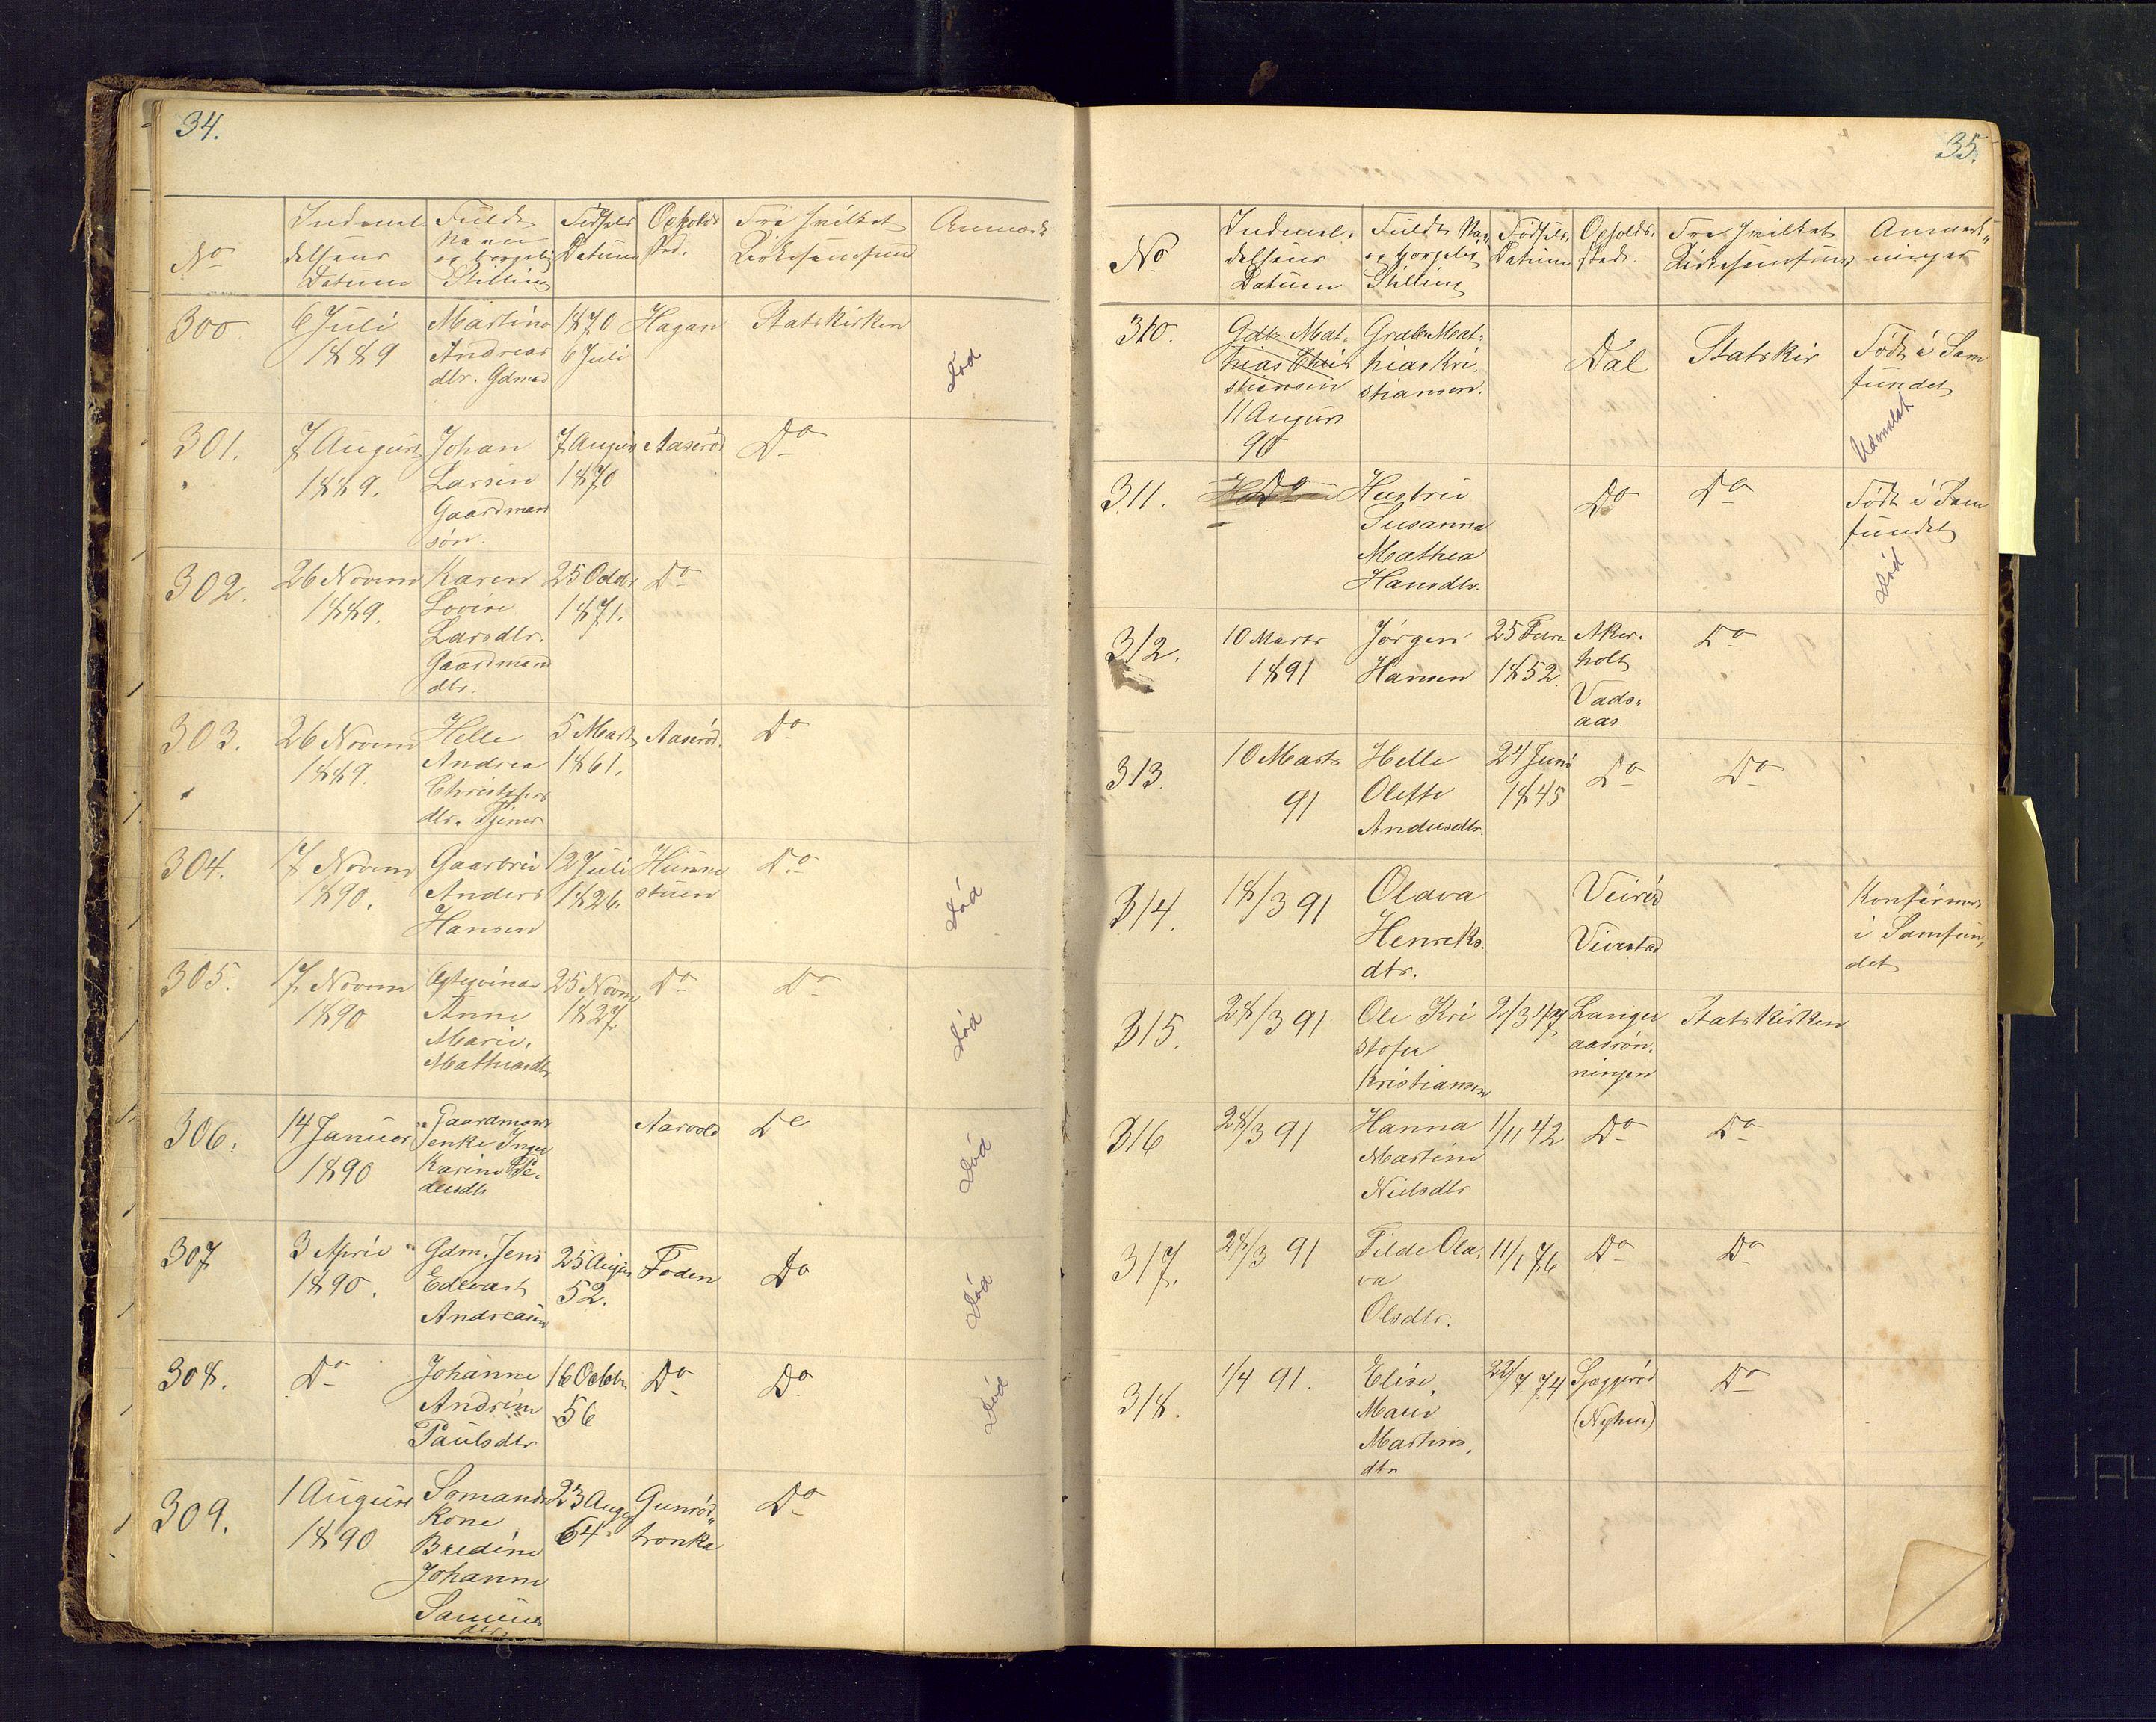 SAKO, Den evangelisk lutherske frimenighet i Jarlsbergs grevskap med flere steder, F/Fa/L0001: Dissenterprotokoll nr. Fa/L0001, 1872-1925, s. 34-35